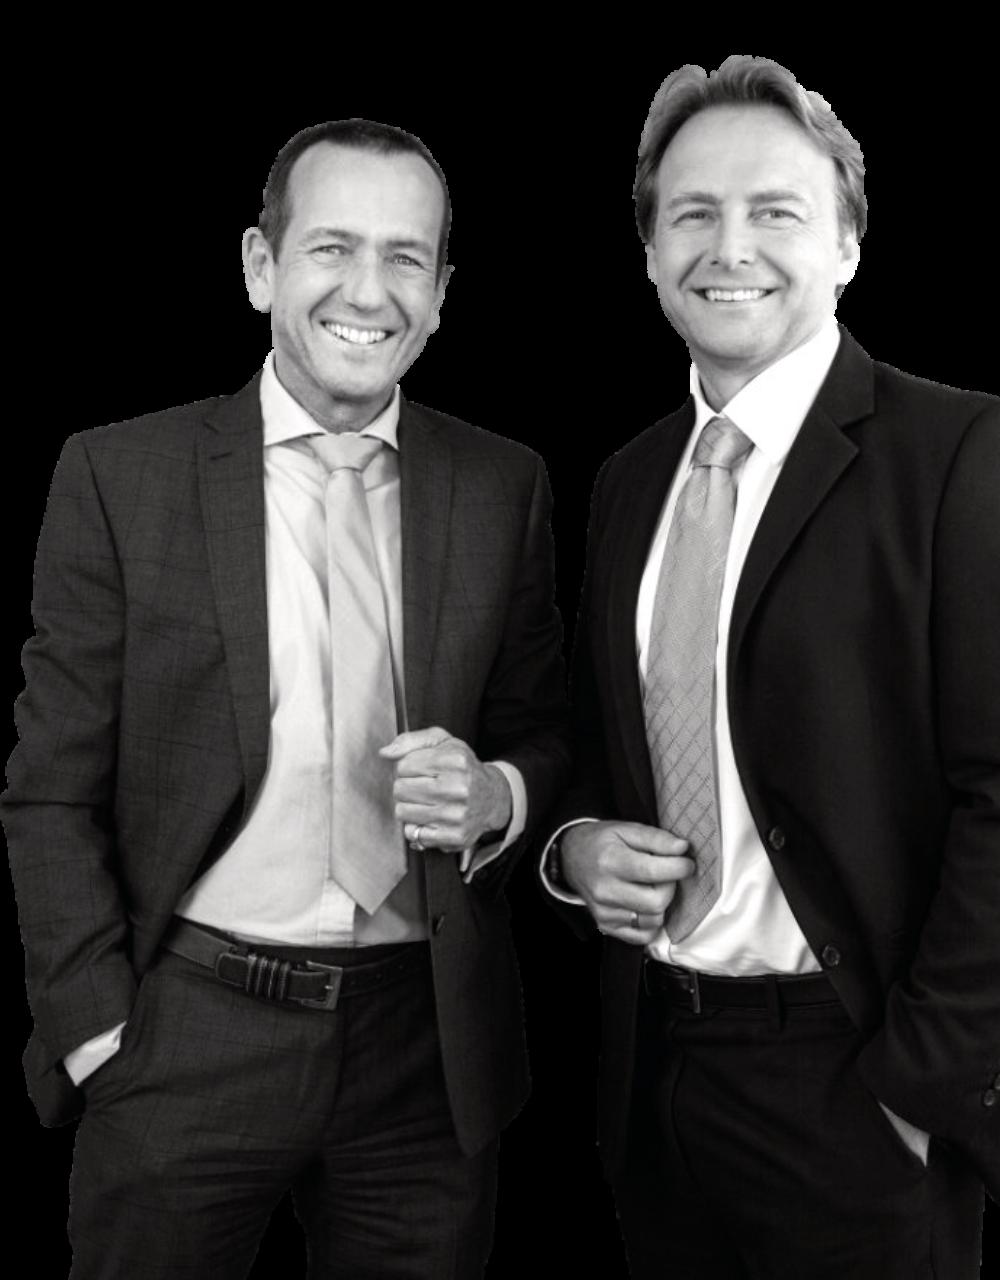 I titolari di Wetag Consulting: Philipp Peter (destra) Ueli Schnorf (sinistra)